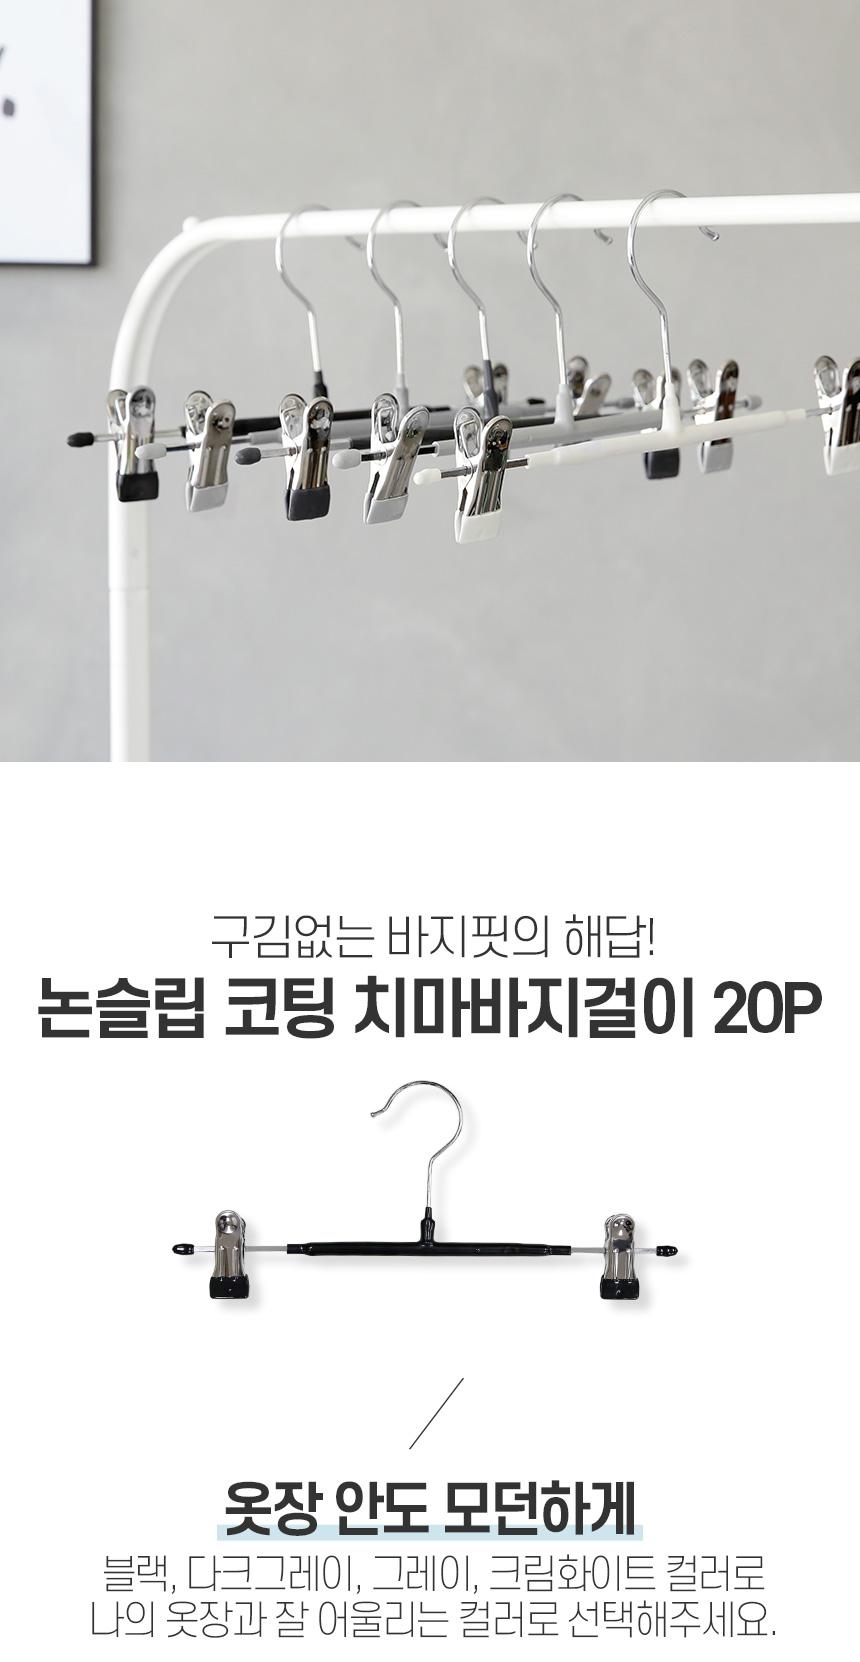 논슬립 코팅 치마바지걸이20P - 홈앤하우스, 21,700원, 행거/드레스룸/옷걸이, 바지걸이